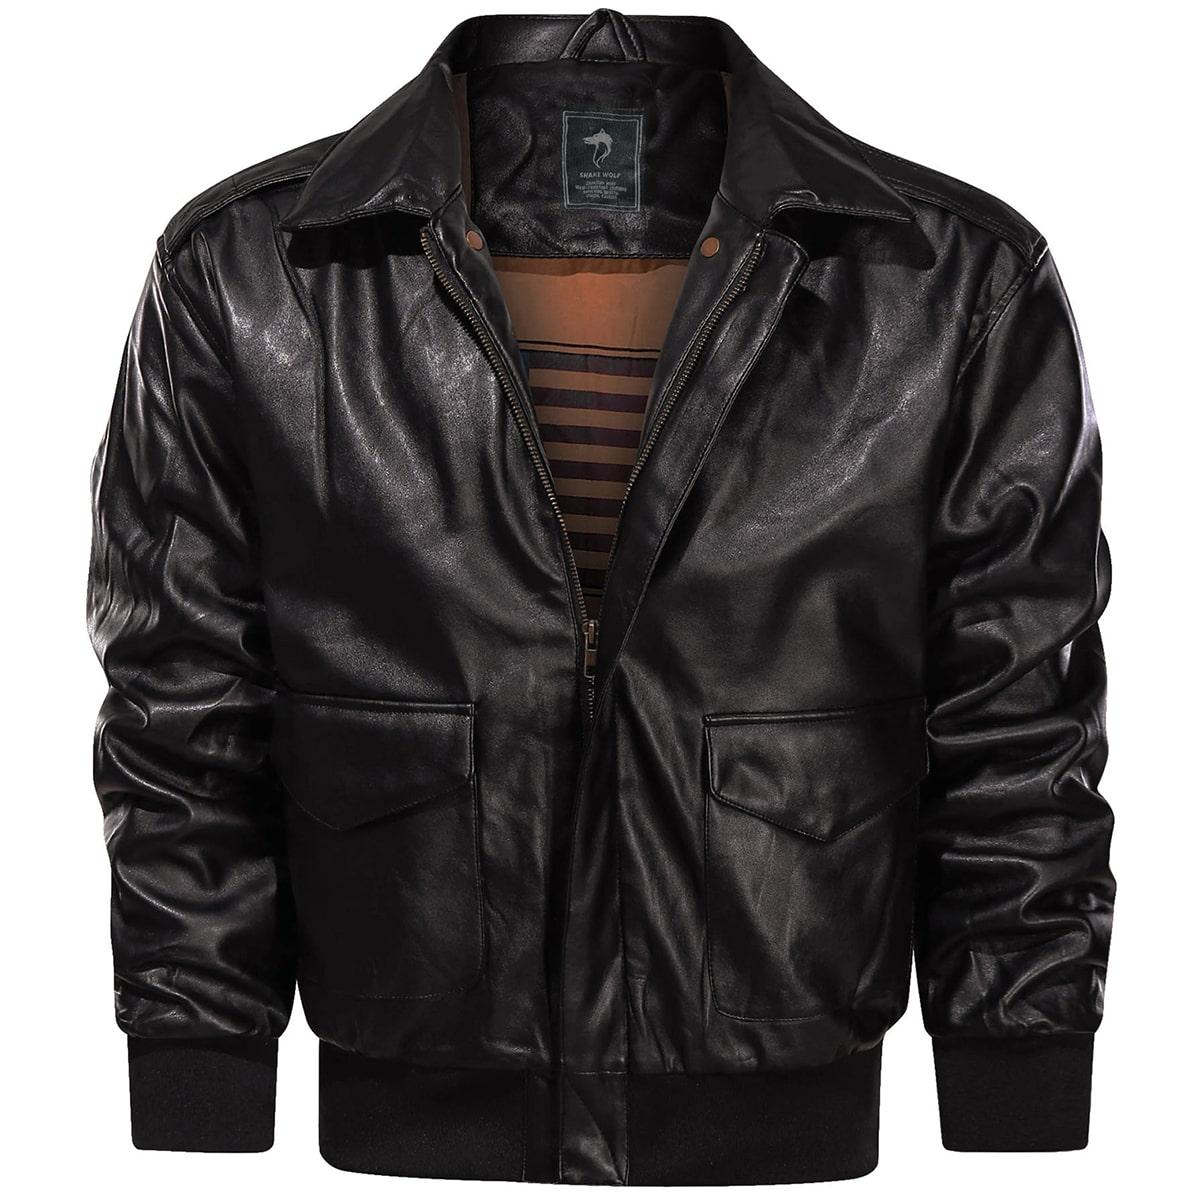 Мужская куртка из искусственной кожи с карманом